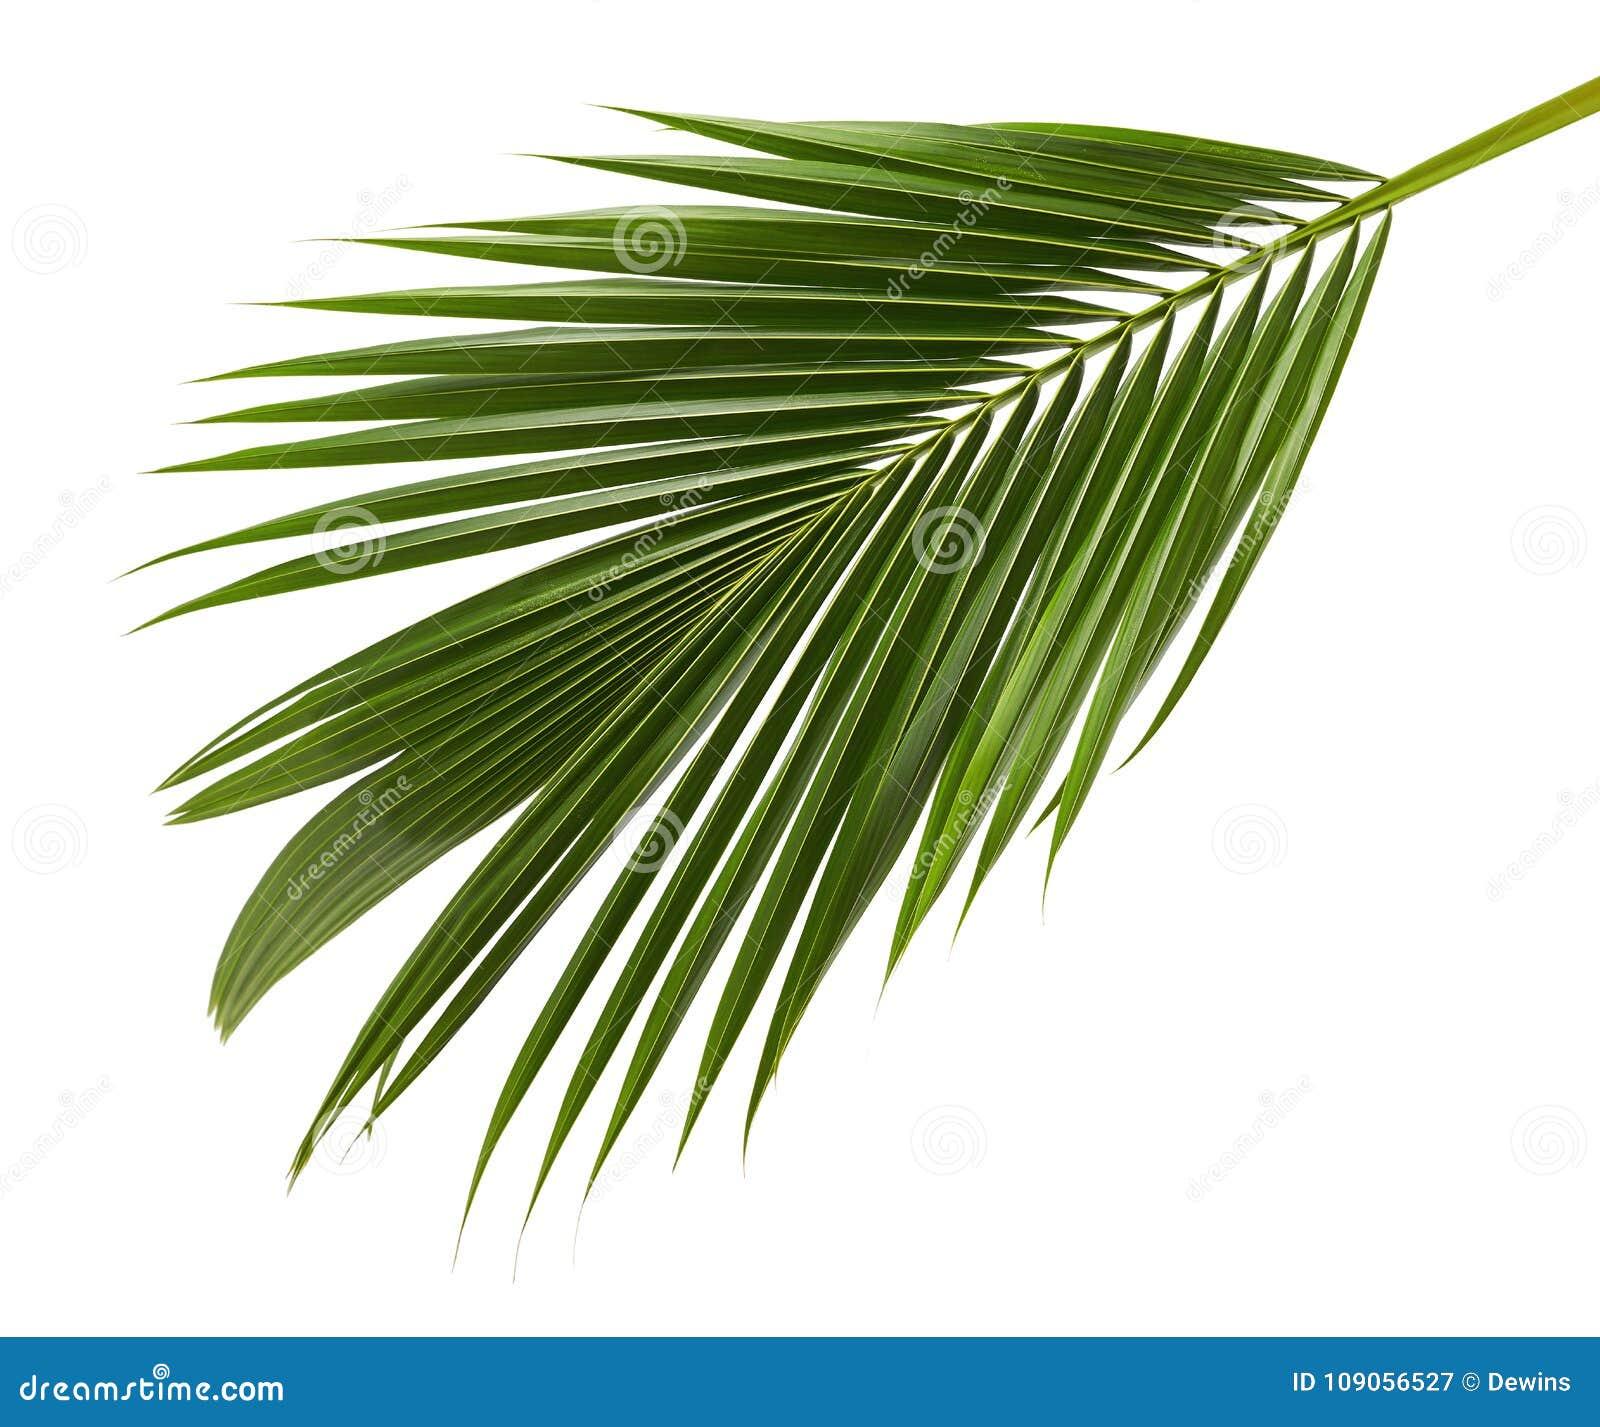 Kokosnussblätter oder Kokosnusswedel, grünes plam verlässt, das tropische Laub, das auf weißem Hintergrund mit Beschneidungspfad